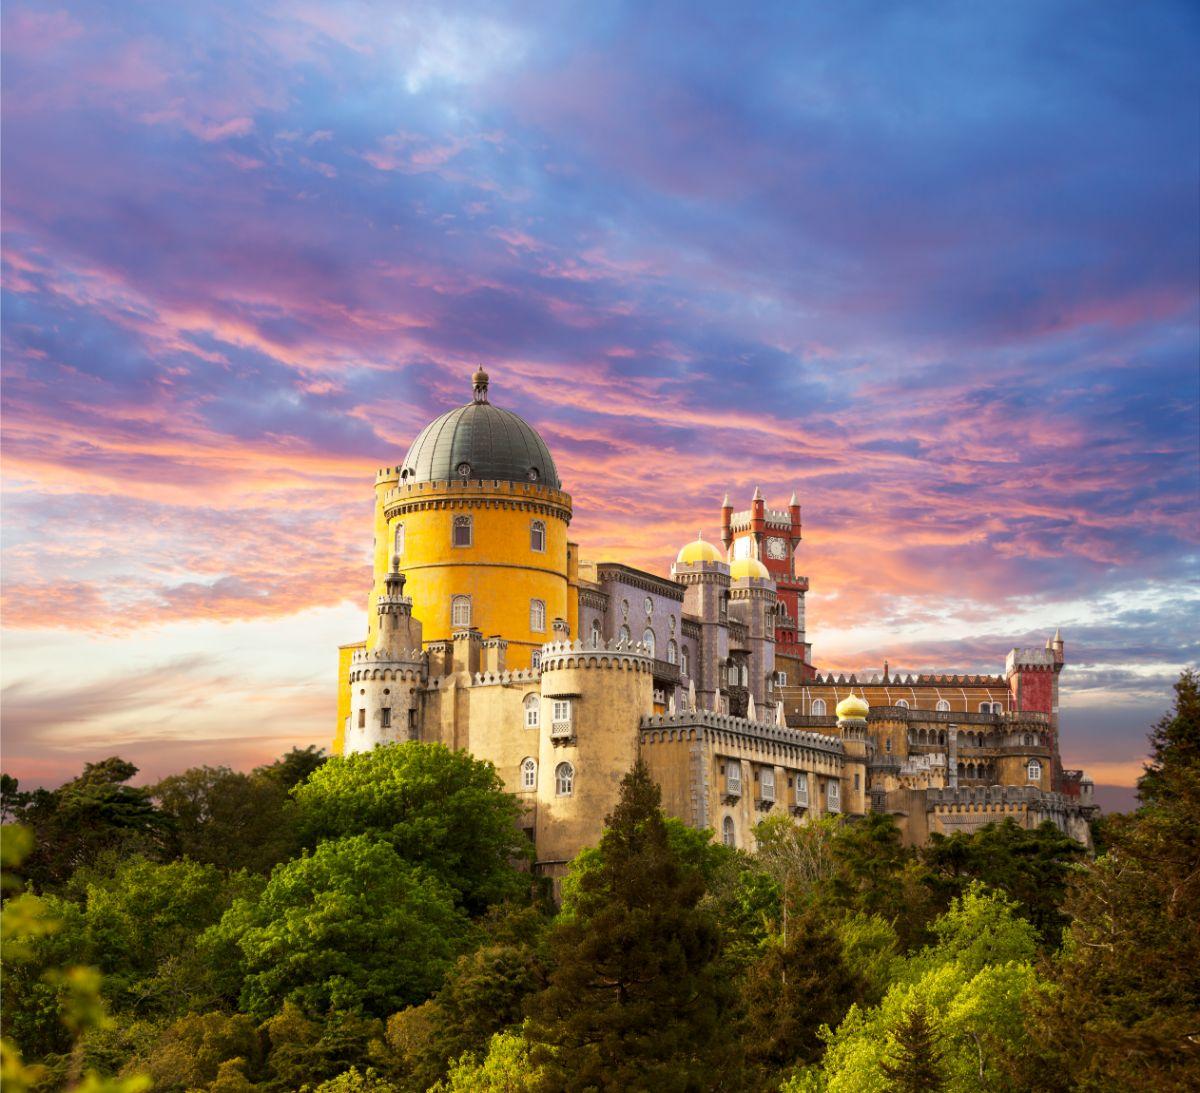 Pena Palace Sunset